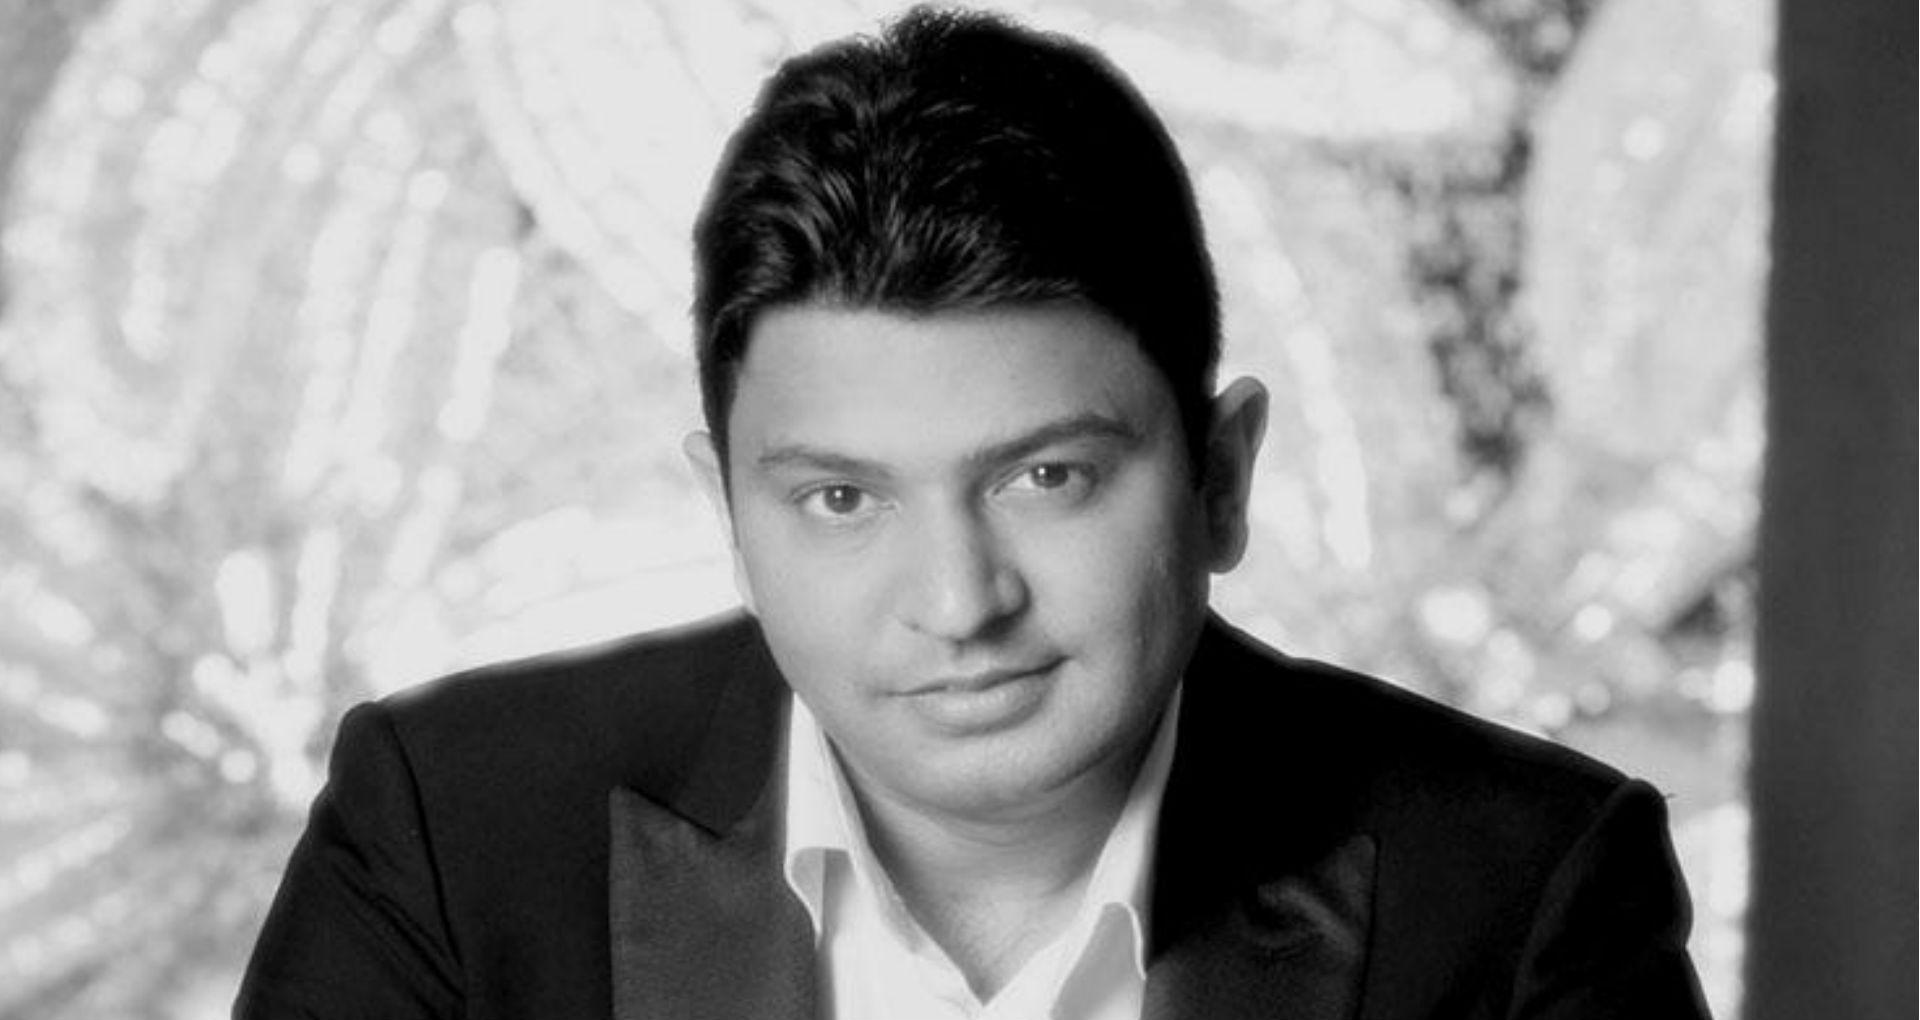 टी-सीरीज ने यूट्यूब पर अपलोड किये आतिफ असलम के गाने, भूषण कुमार को मिली MNS की धमकी, मांगनी पड़ी माफ़ी